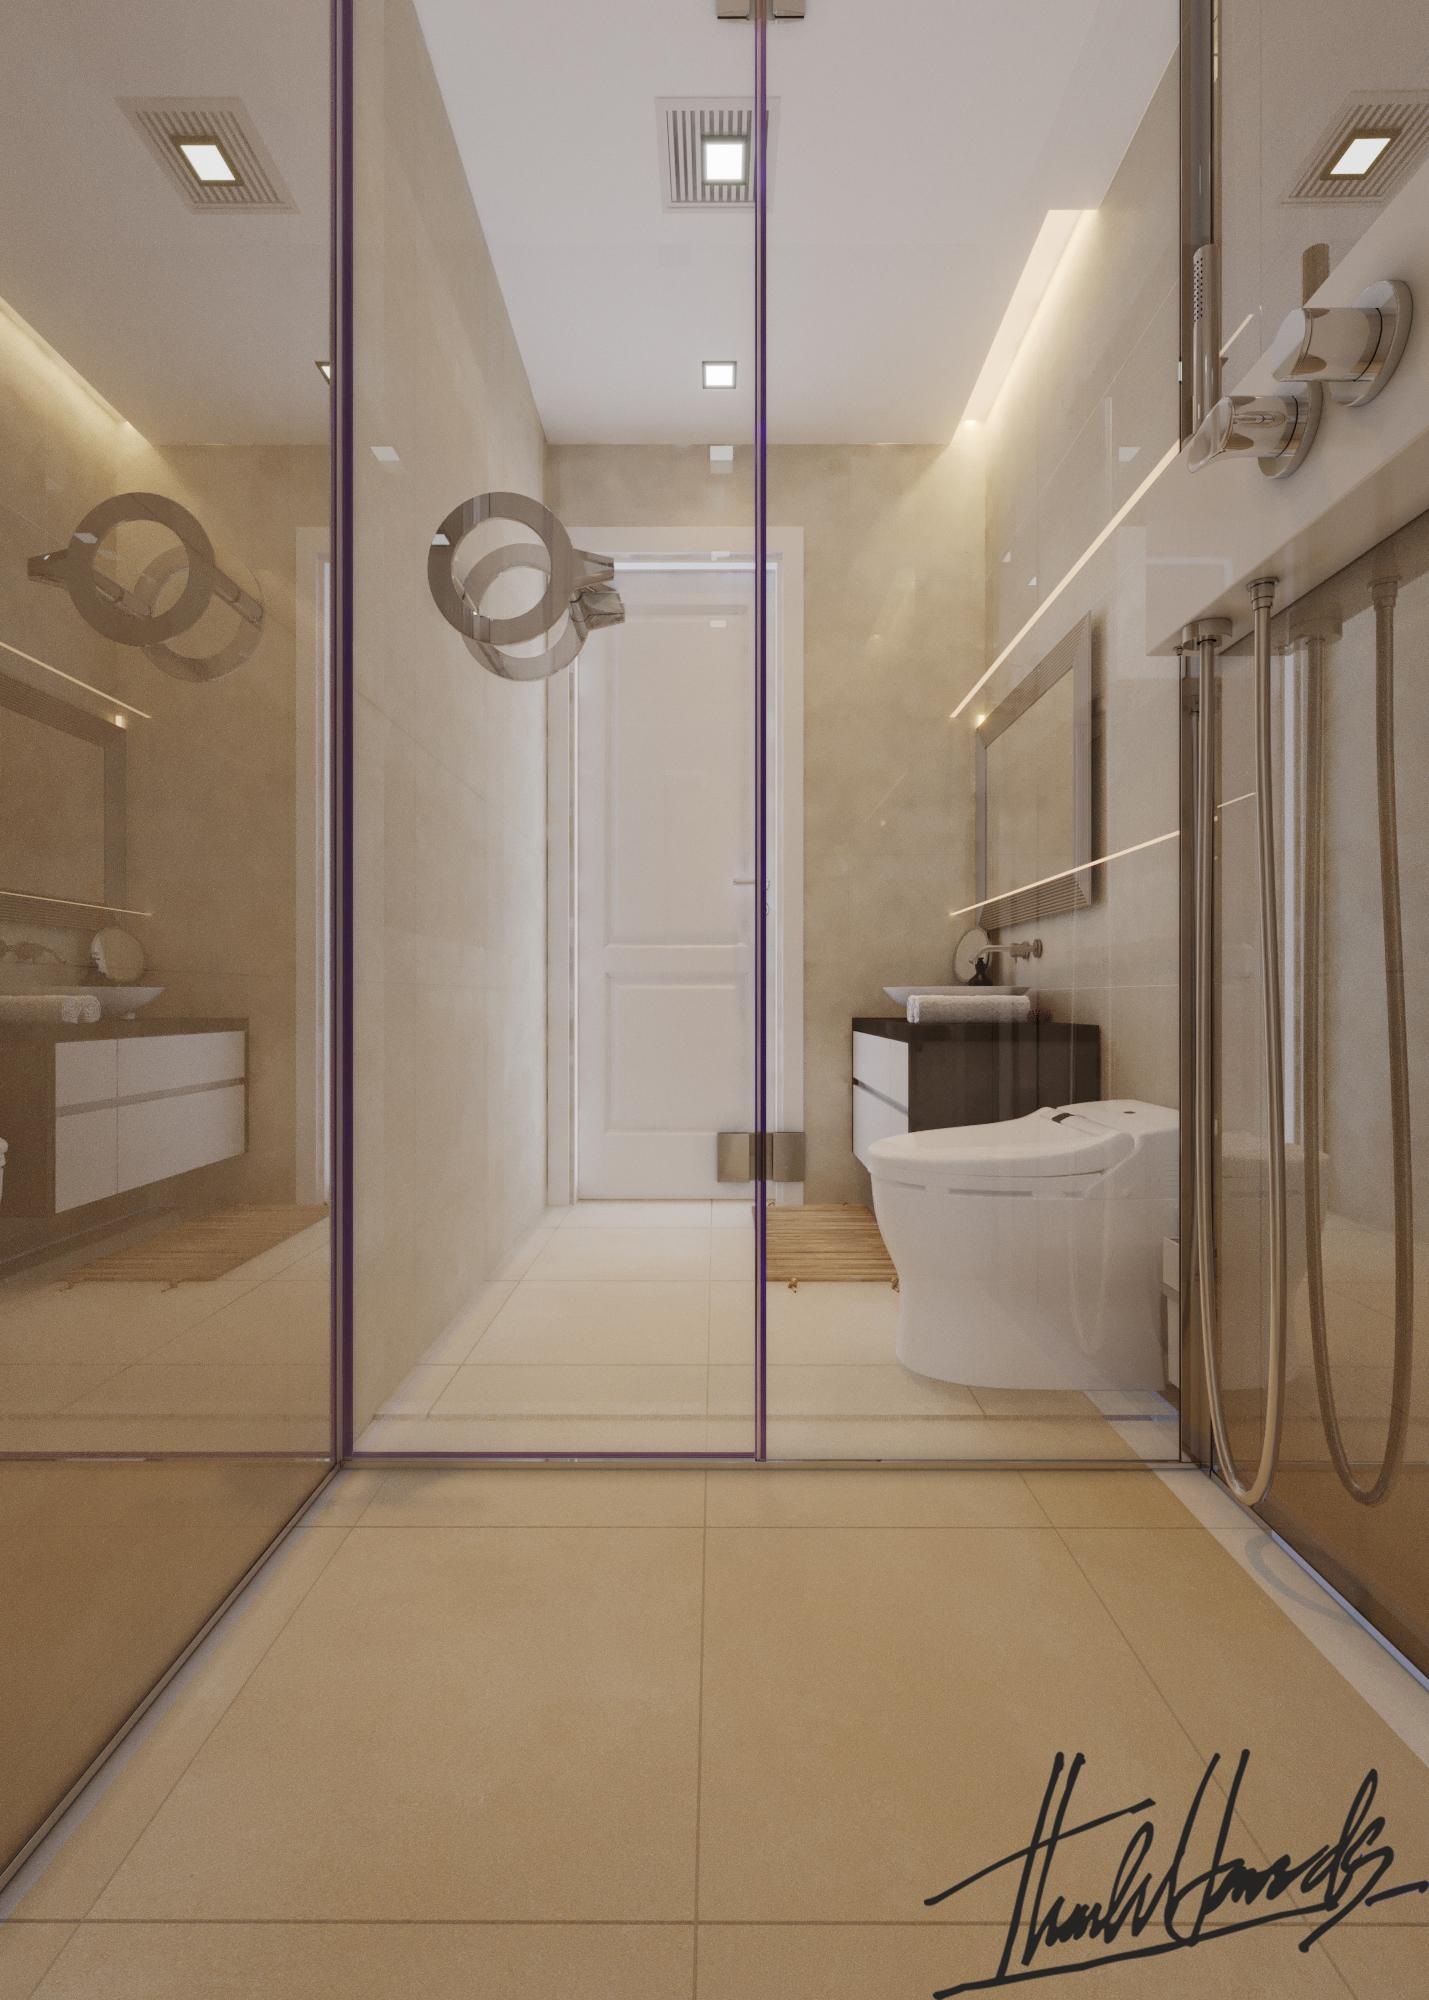 thiết kế nội thất Biệt Thự tại Hải Phòng Biệt thự Vinhomes - imperia ( khu VEN) 35 1568278792